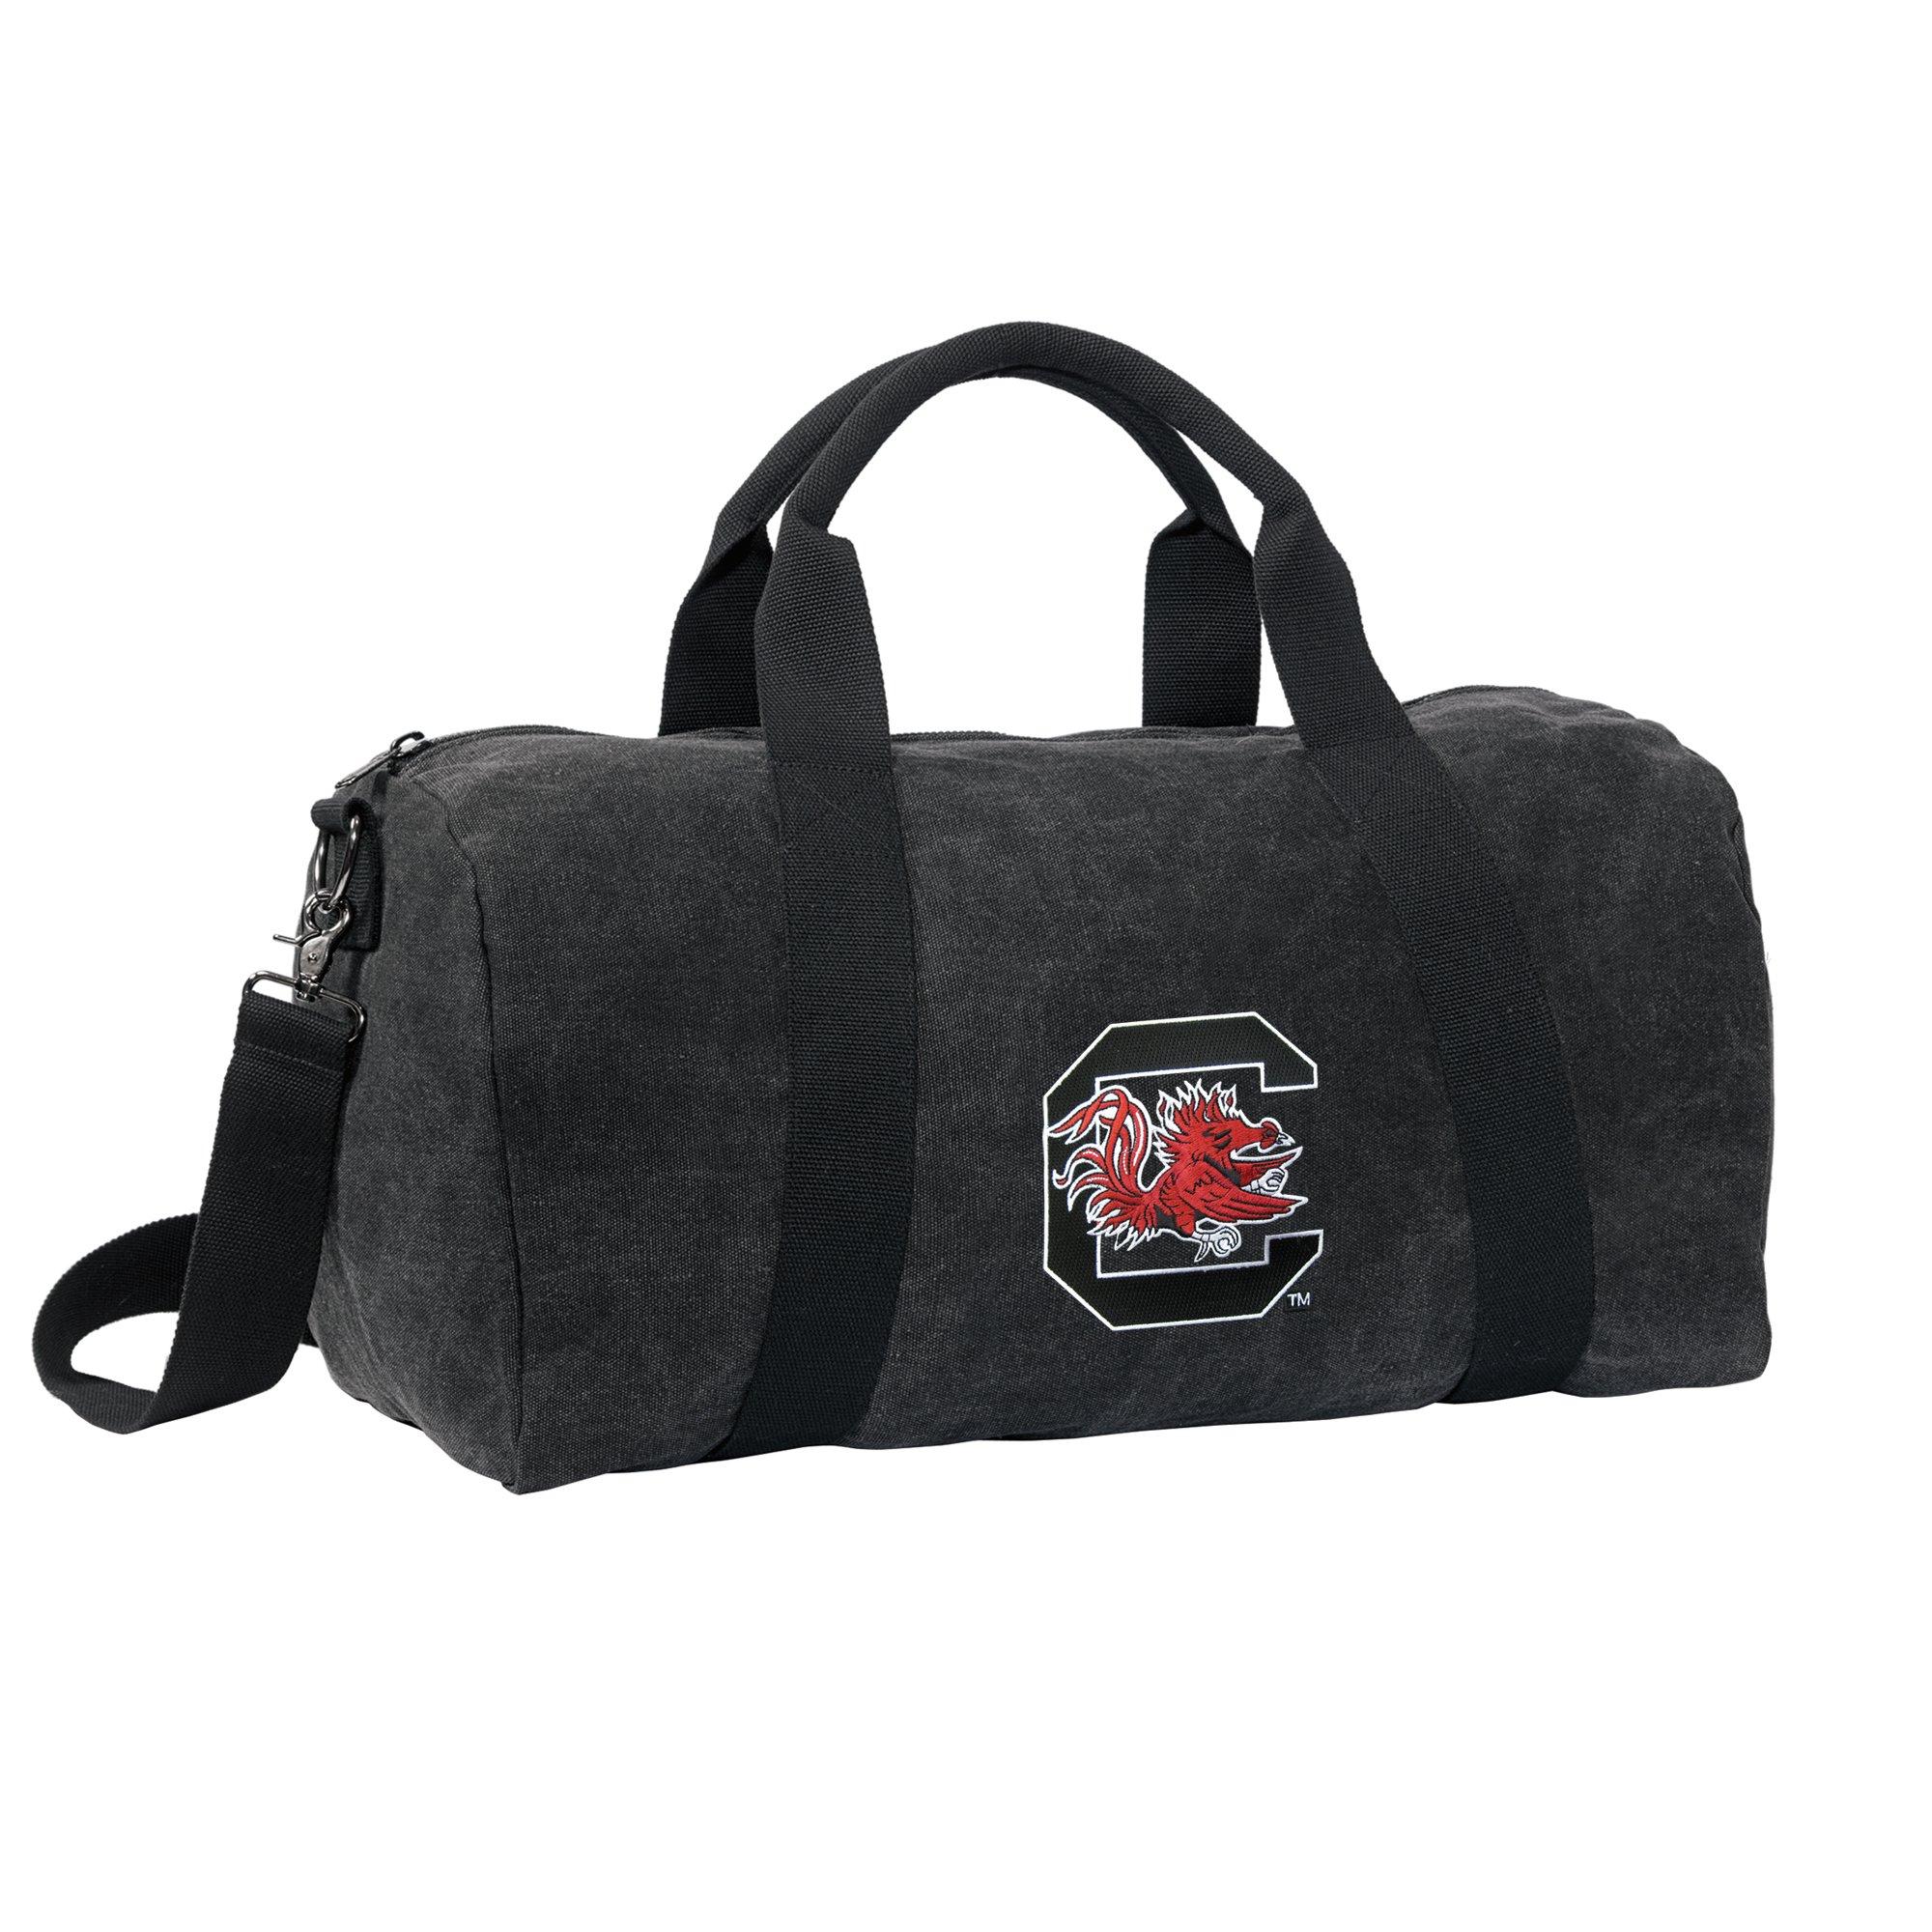 University of South Carolina Duffel Bag or CANVAS South Carolina Gamecocks Suitcase Luggage